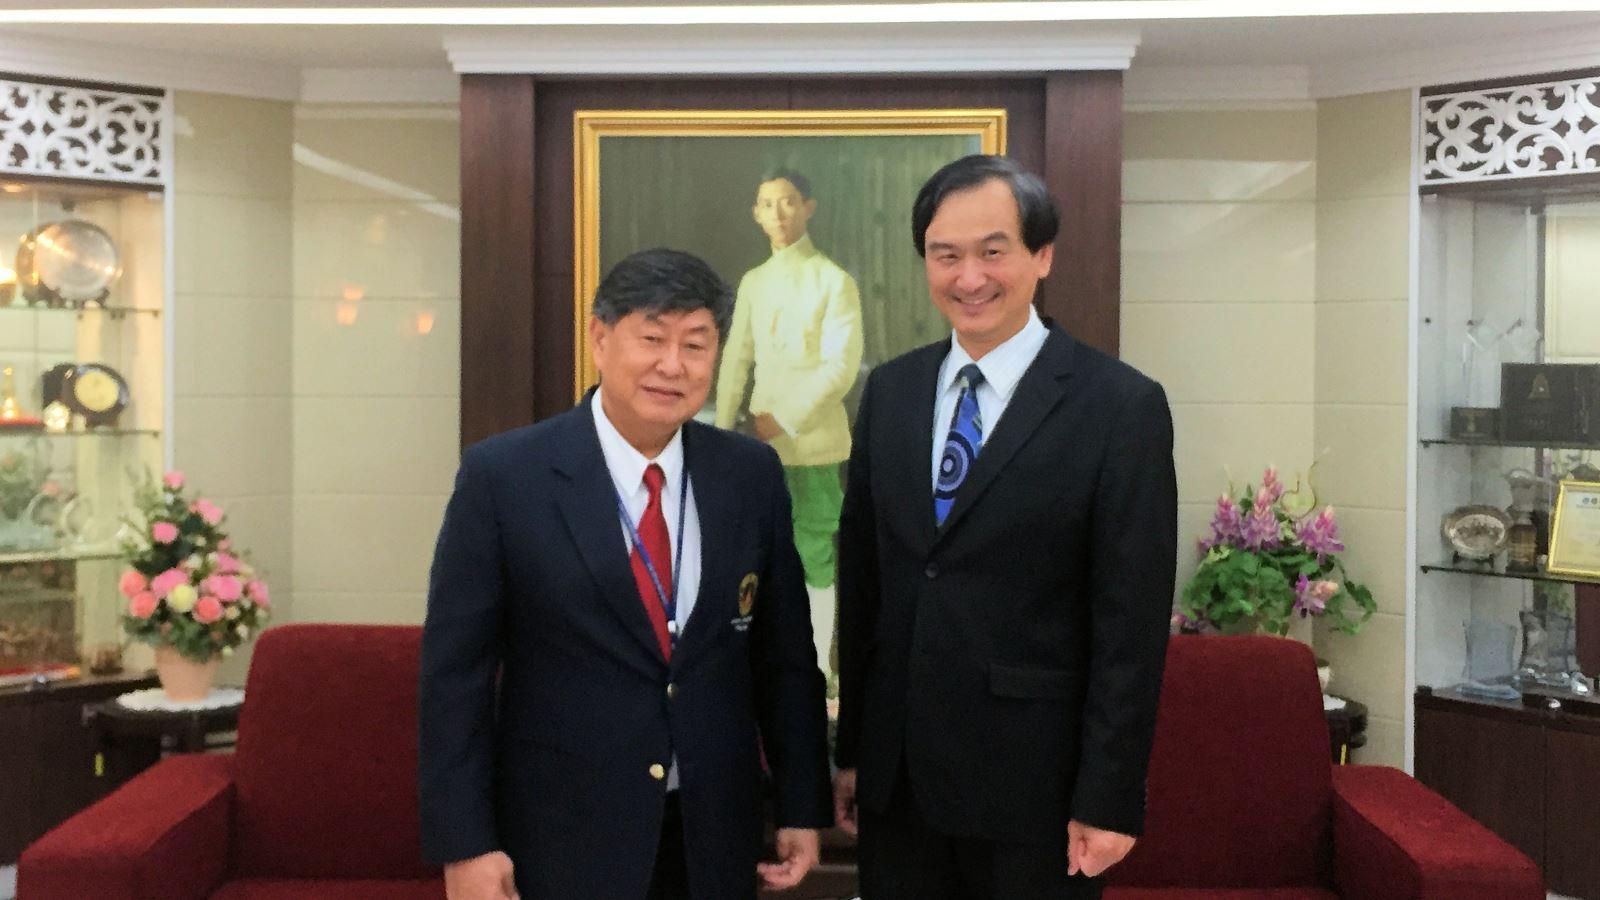 圖4: 2018年蘇芳慶副校長與Banchong Mahaisavariya校長合影於瑪希敦大學校長室